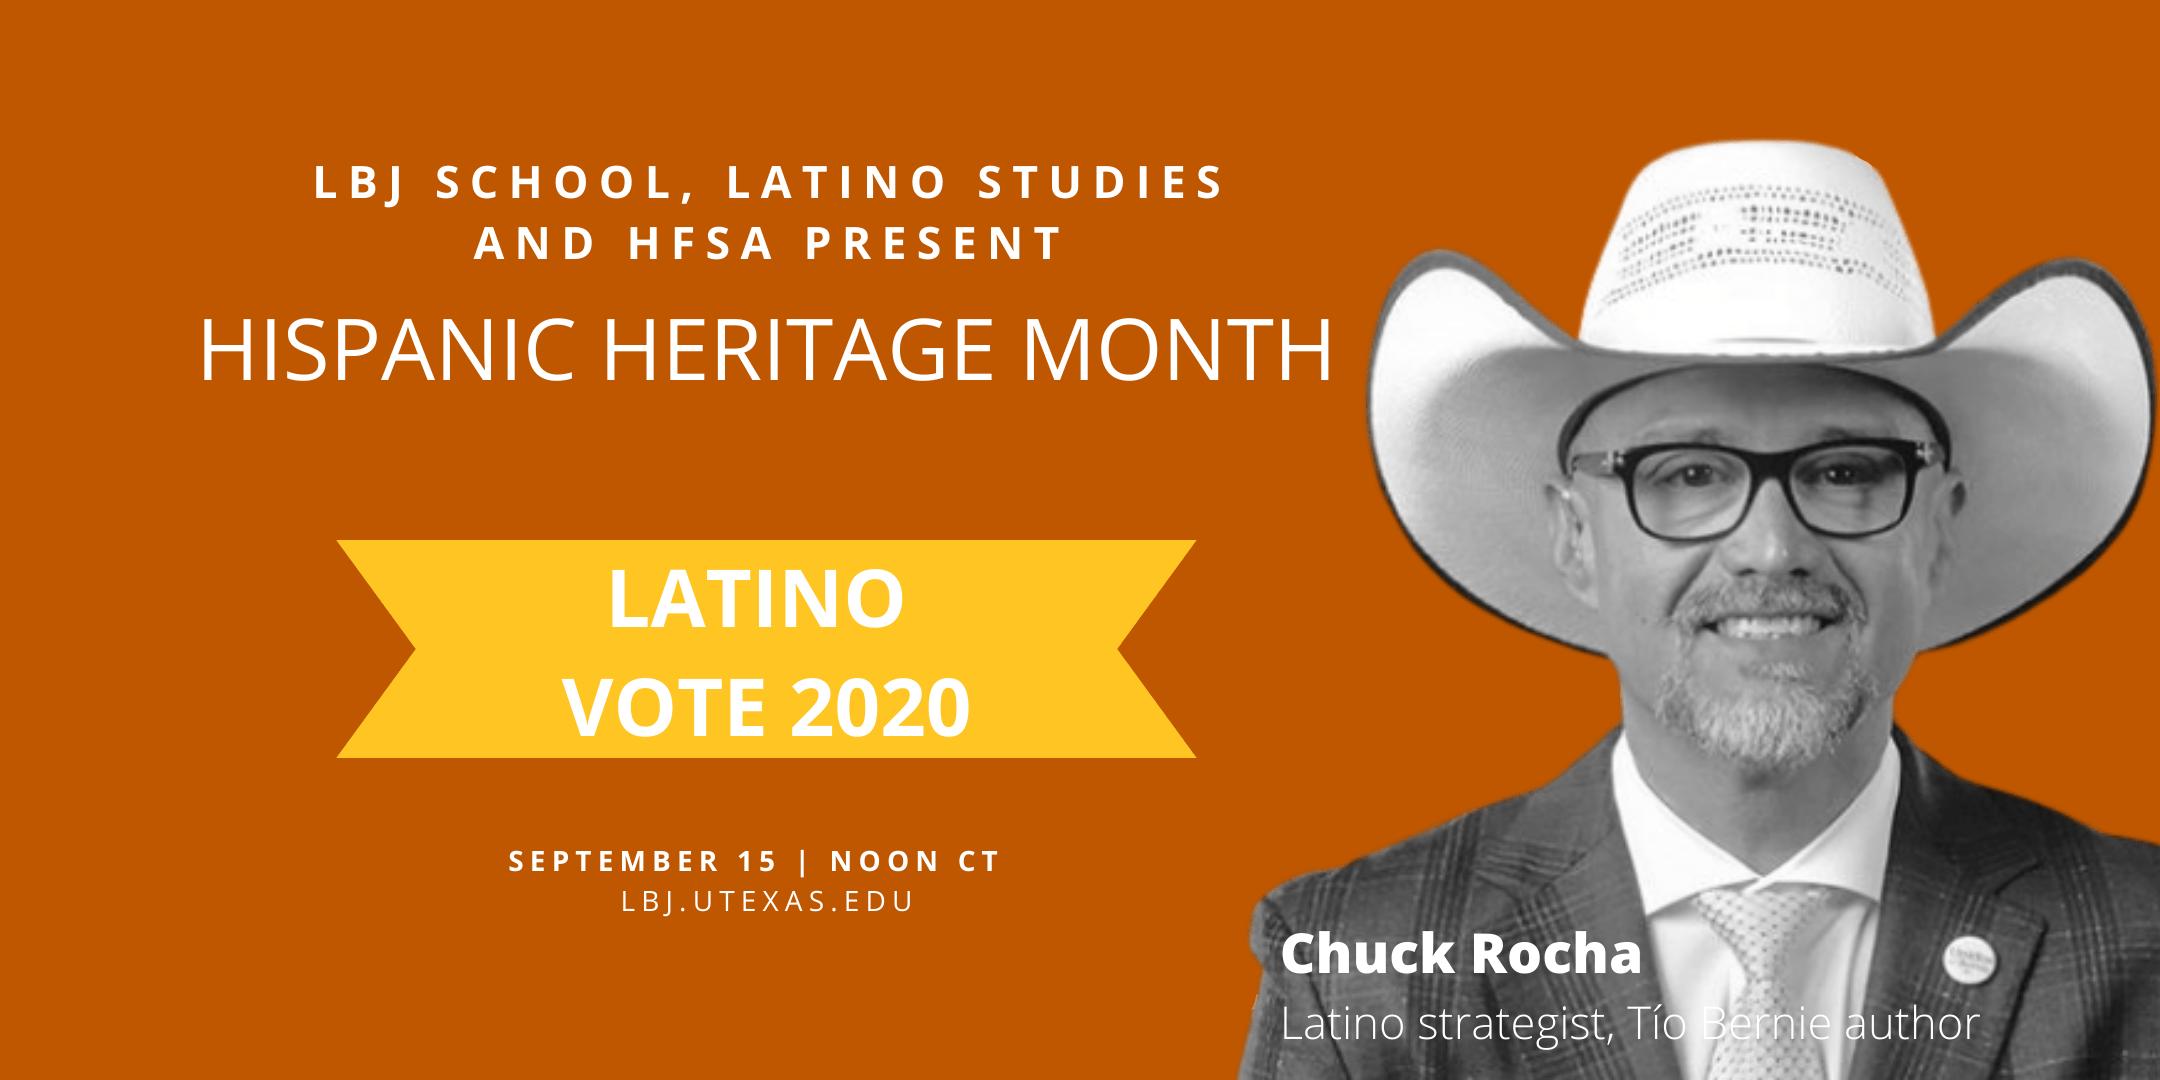 Hispanic Heritage Month Latino Vote